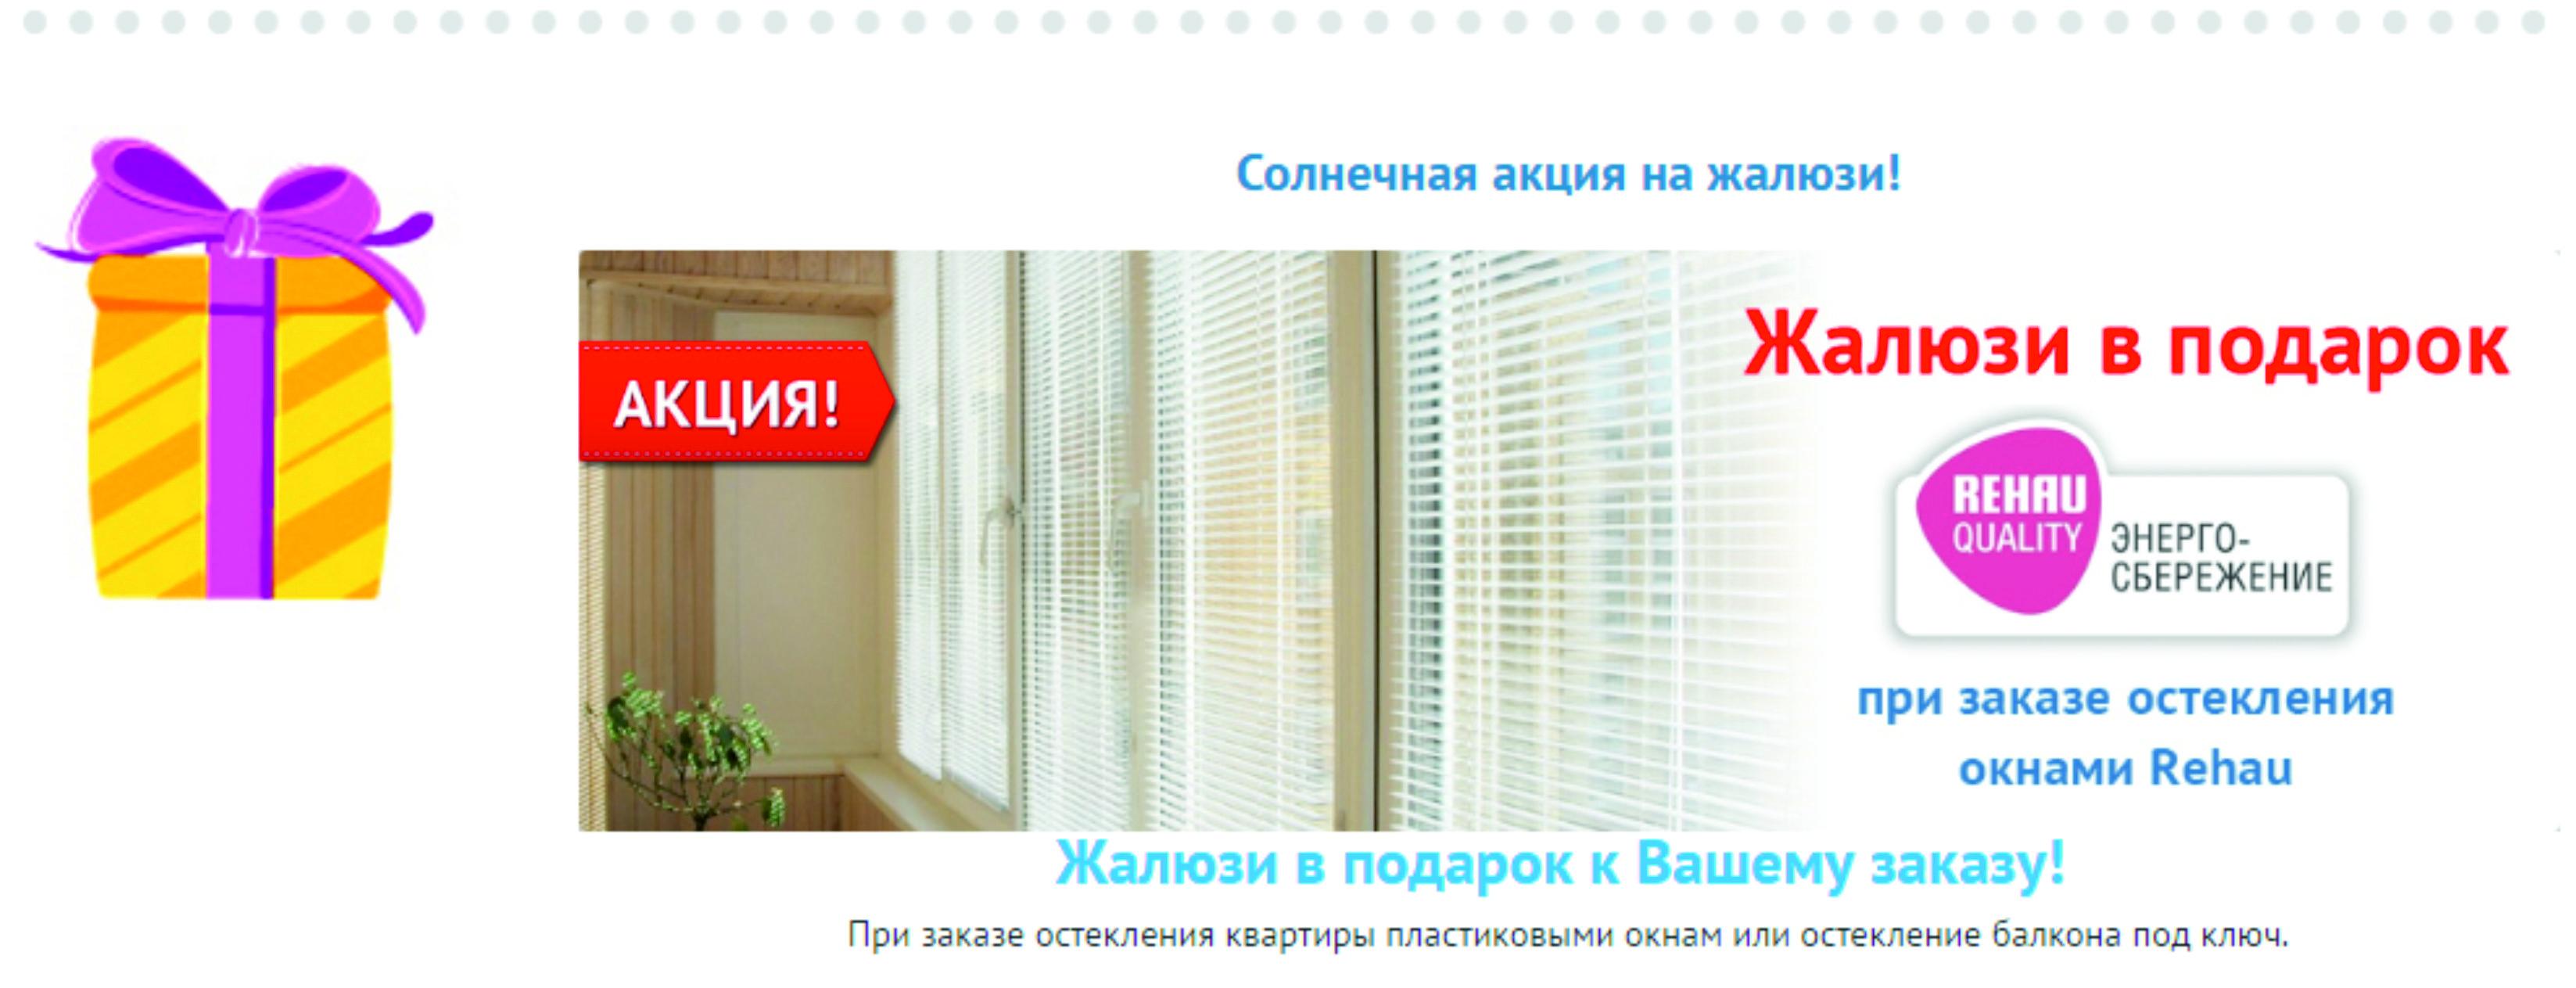 Акции по окнам с подарком 181